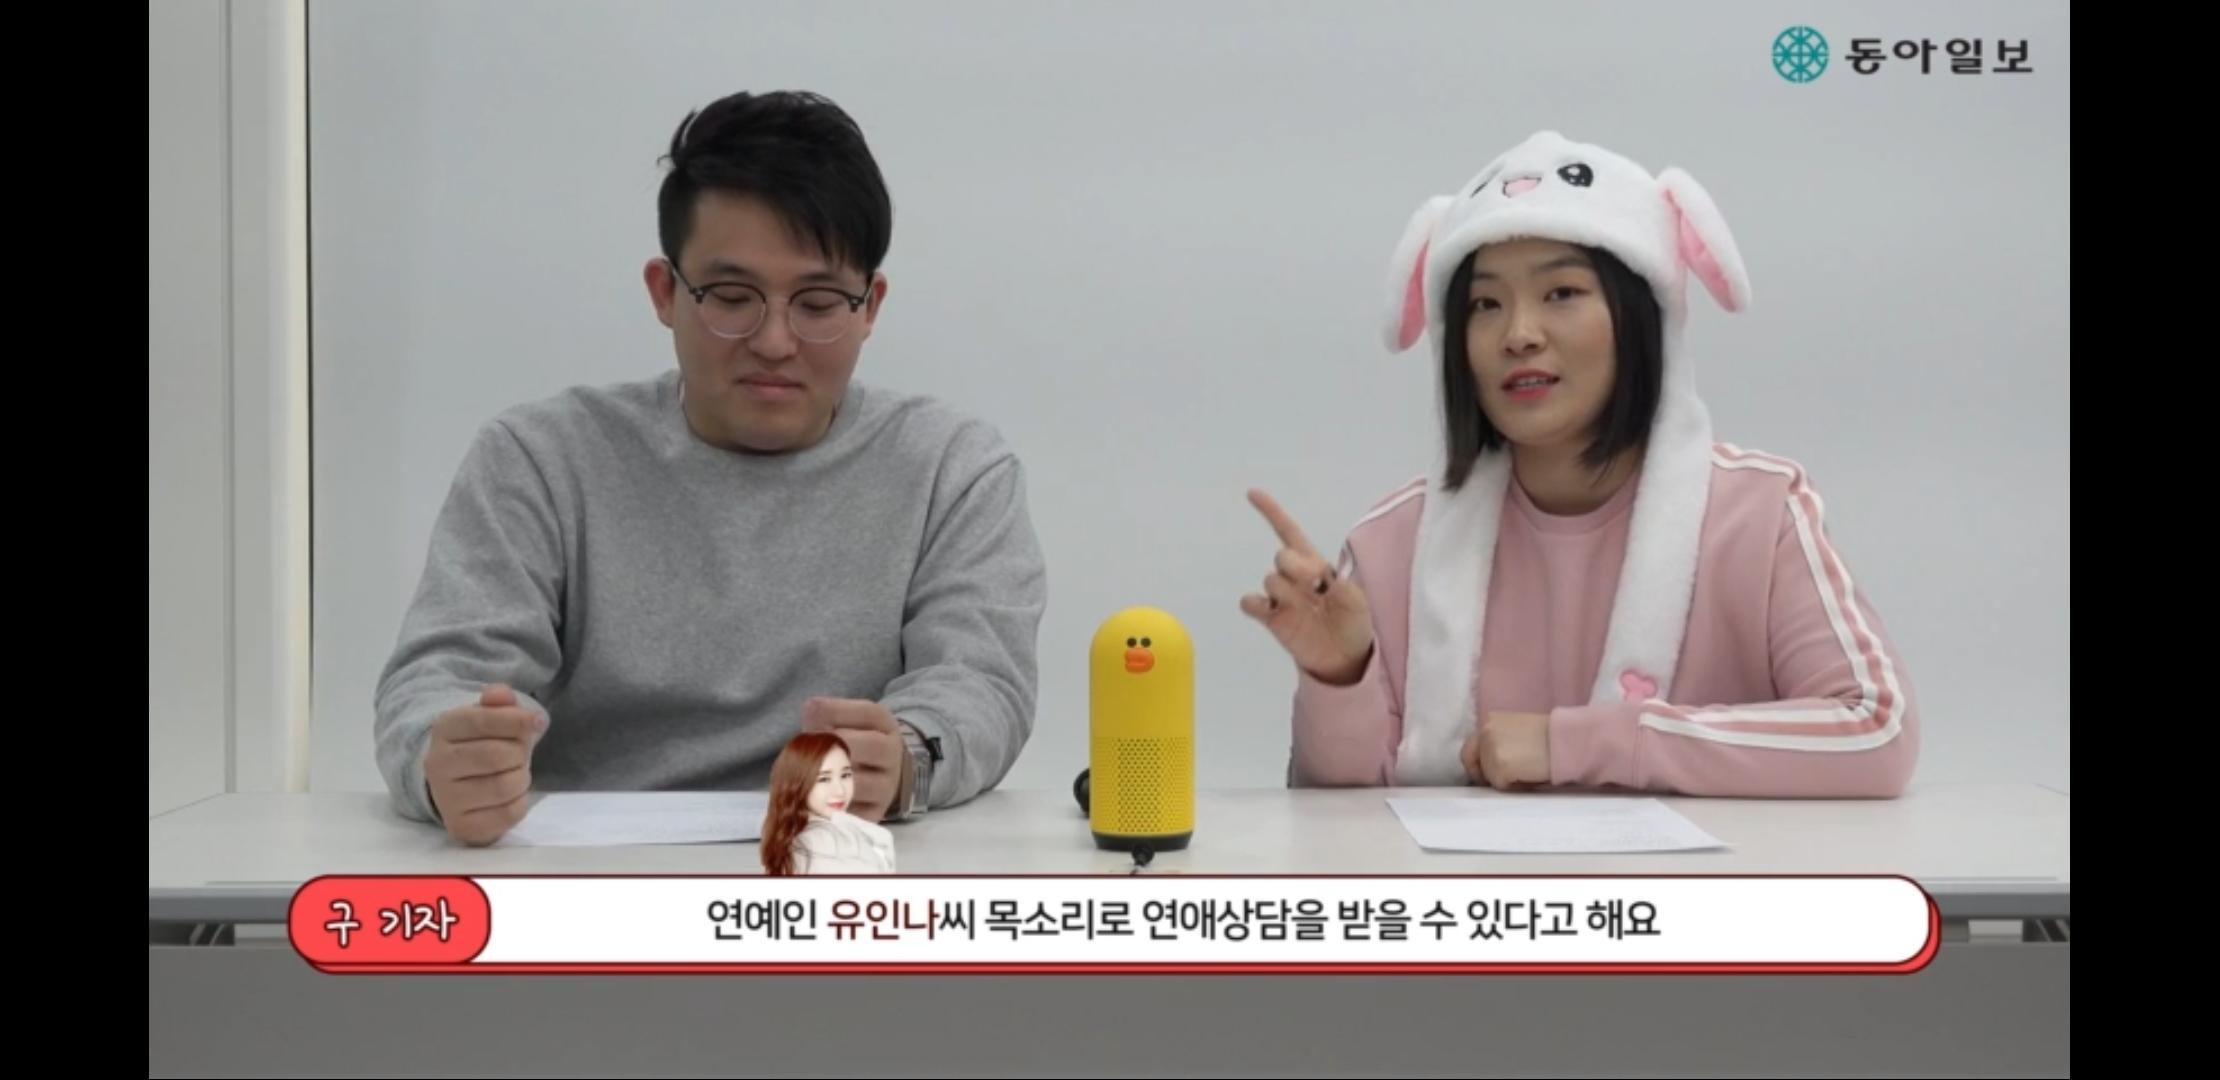 유인나에게 연애상담을 받아봤다(feat.네이버 클로...